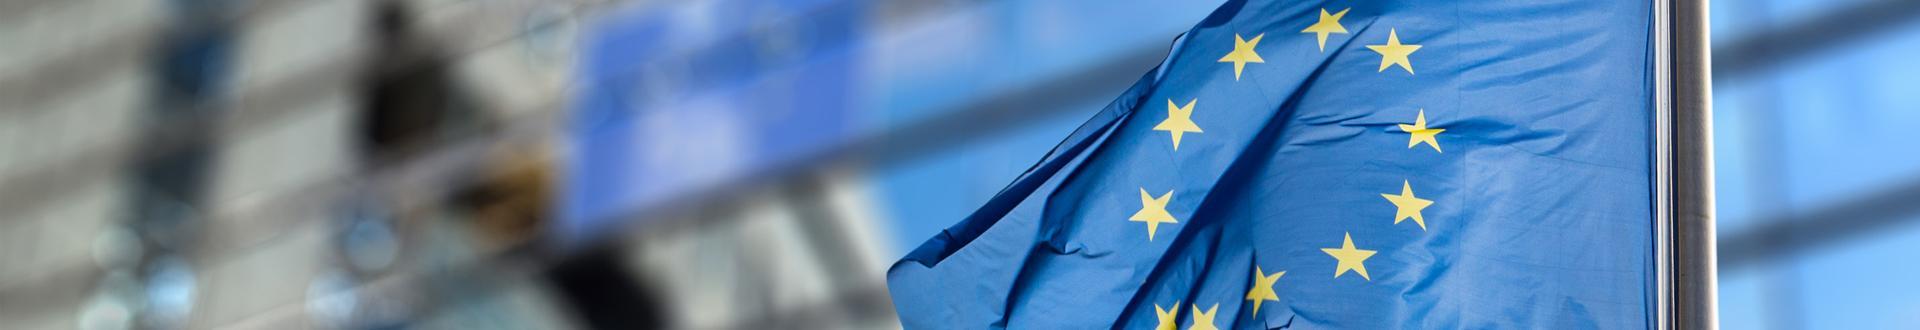 flaga uni